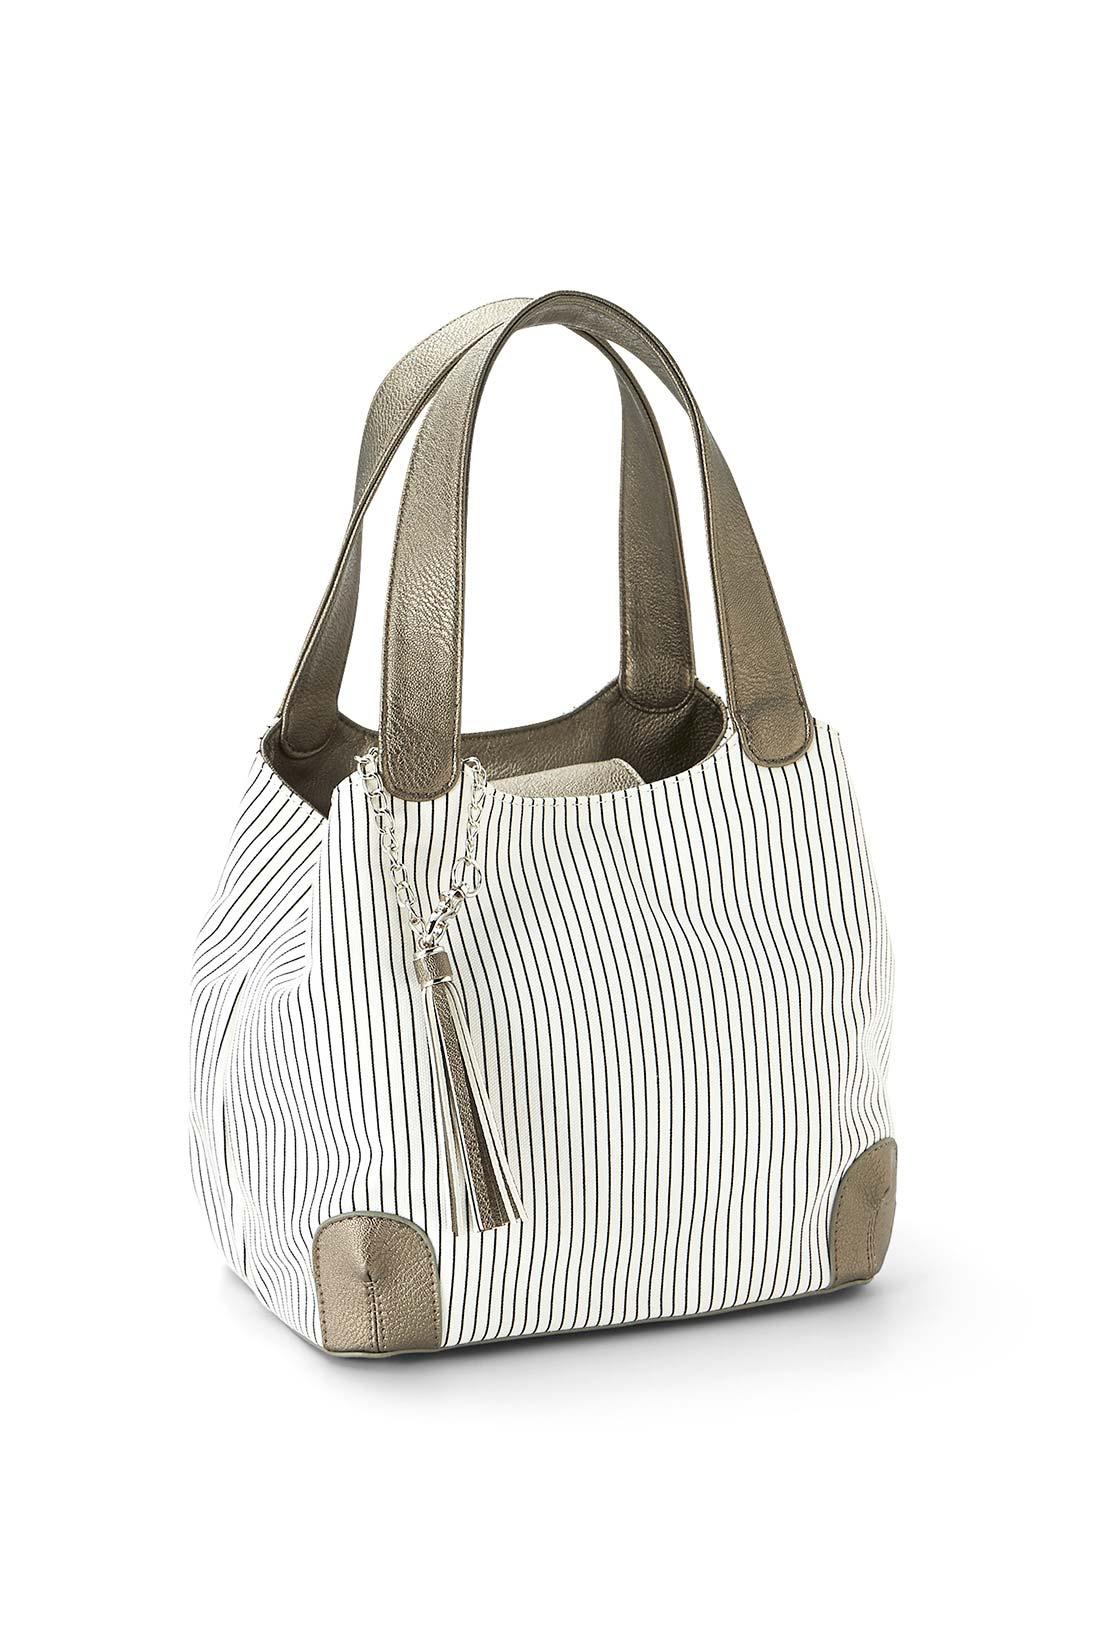 中のスナップを留めると、ころんとした小ぶりのバッグに。